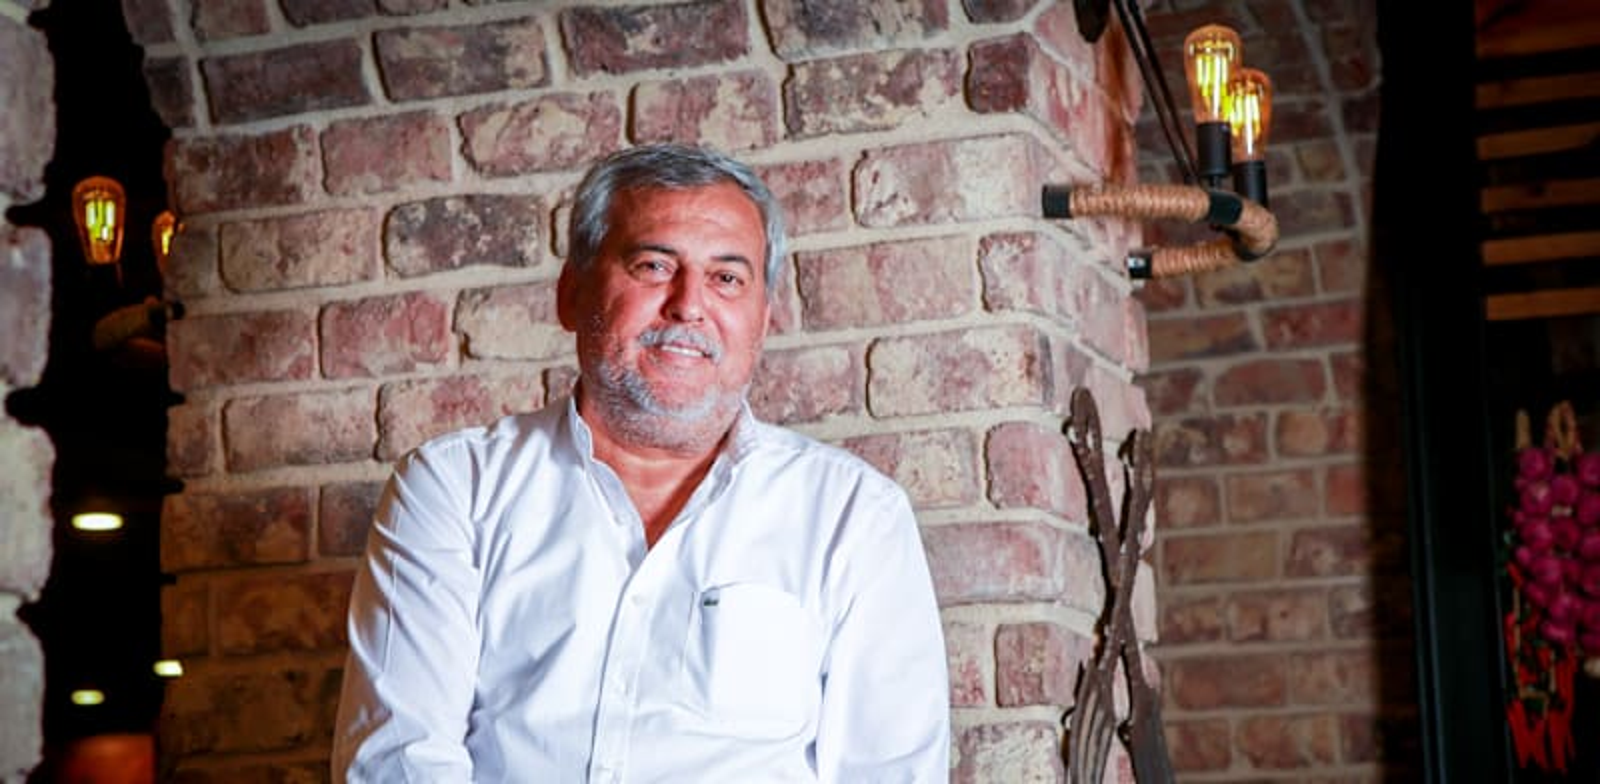 נחום ביתן, בעלי יינות ביתן / צילום: שלומי יוסף